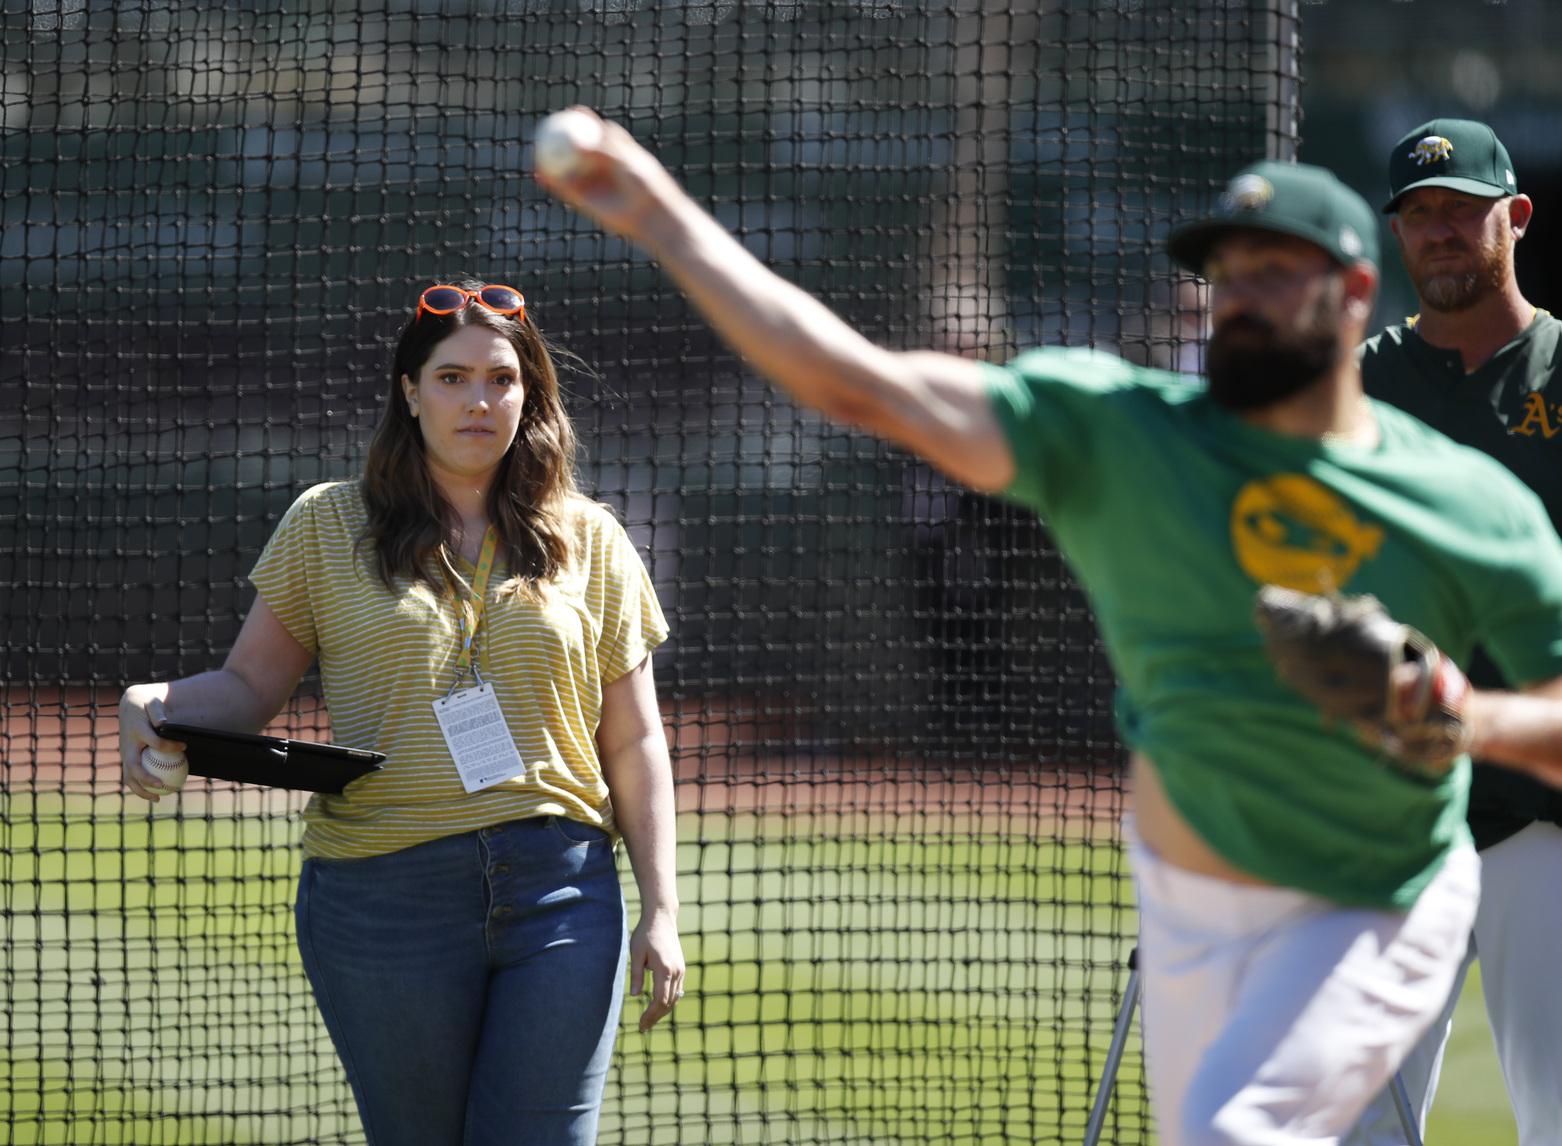 """Schultz là một vận động viên ném bóng, người tin rằng những người ném bóng đang chiếm ưu thế và đối với cô ấy """"ném bóng là một nghệ thuật"""""""